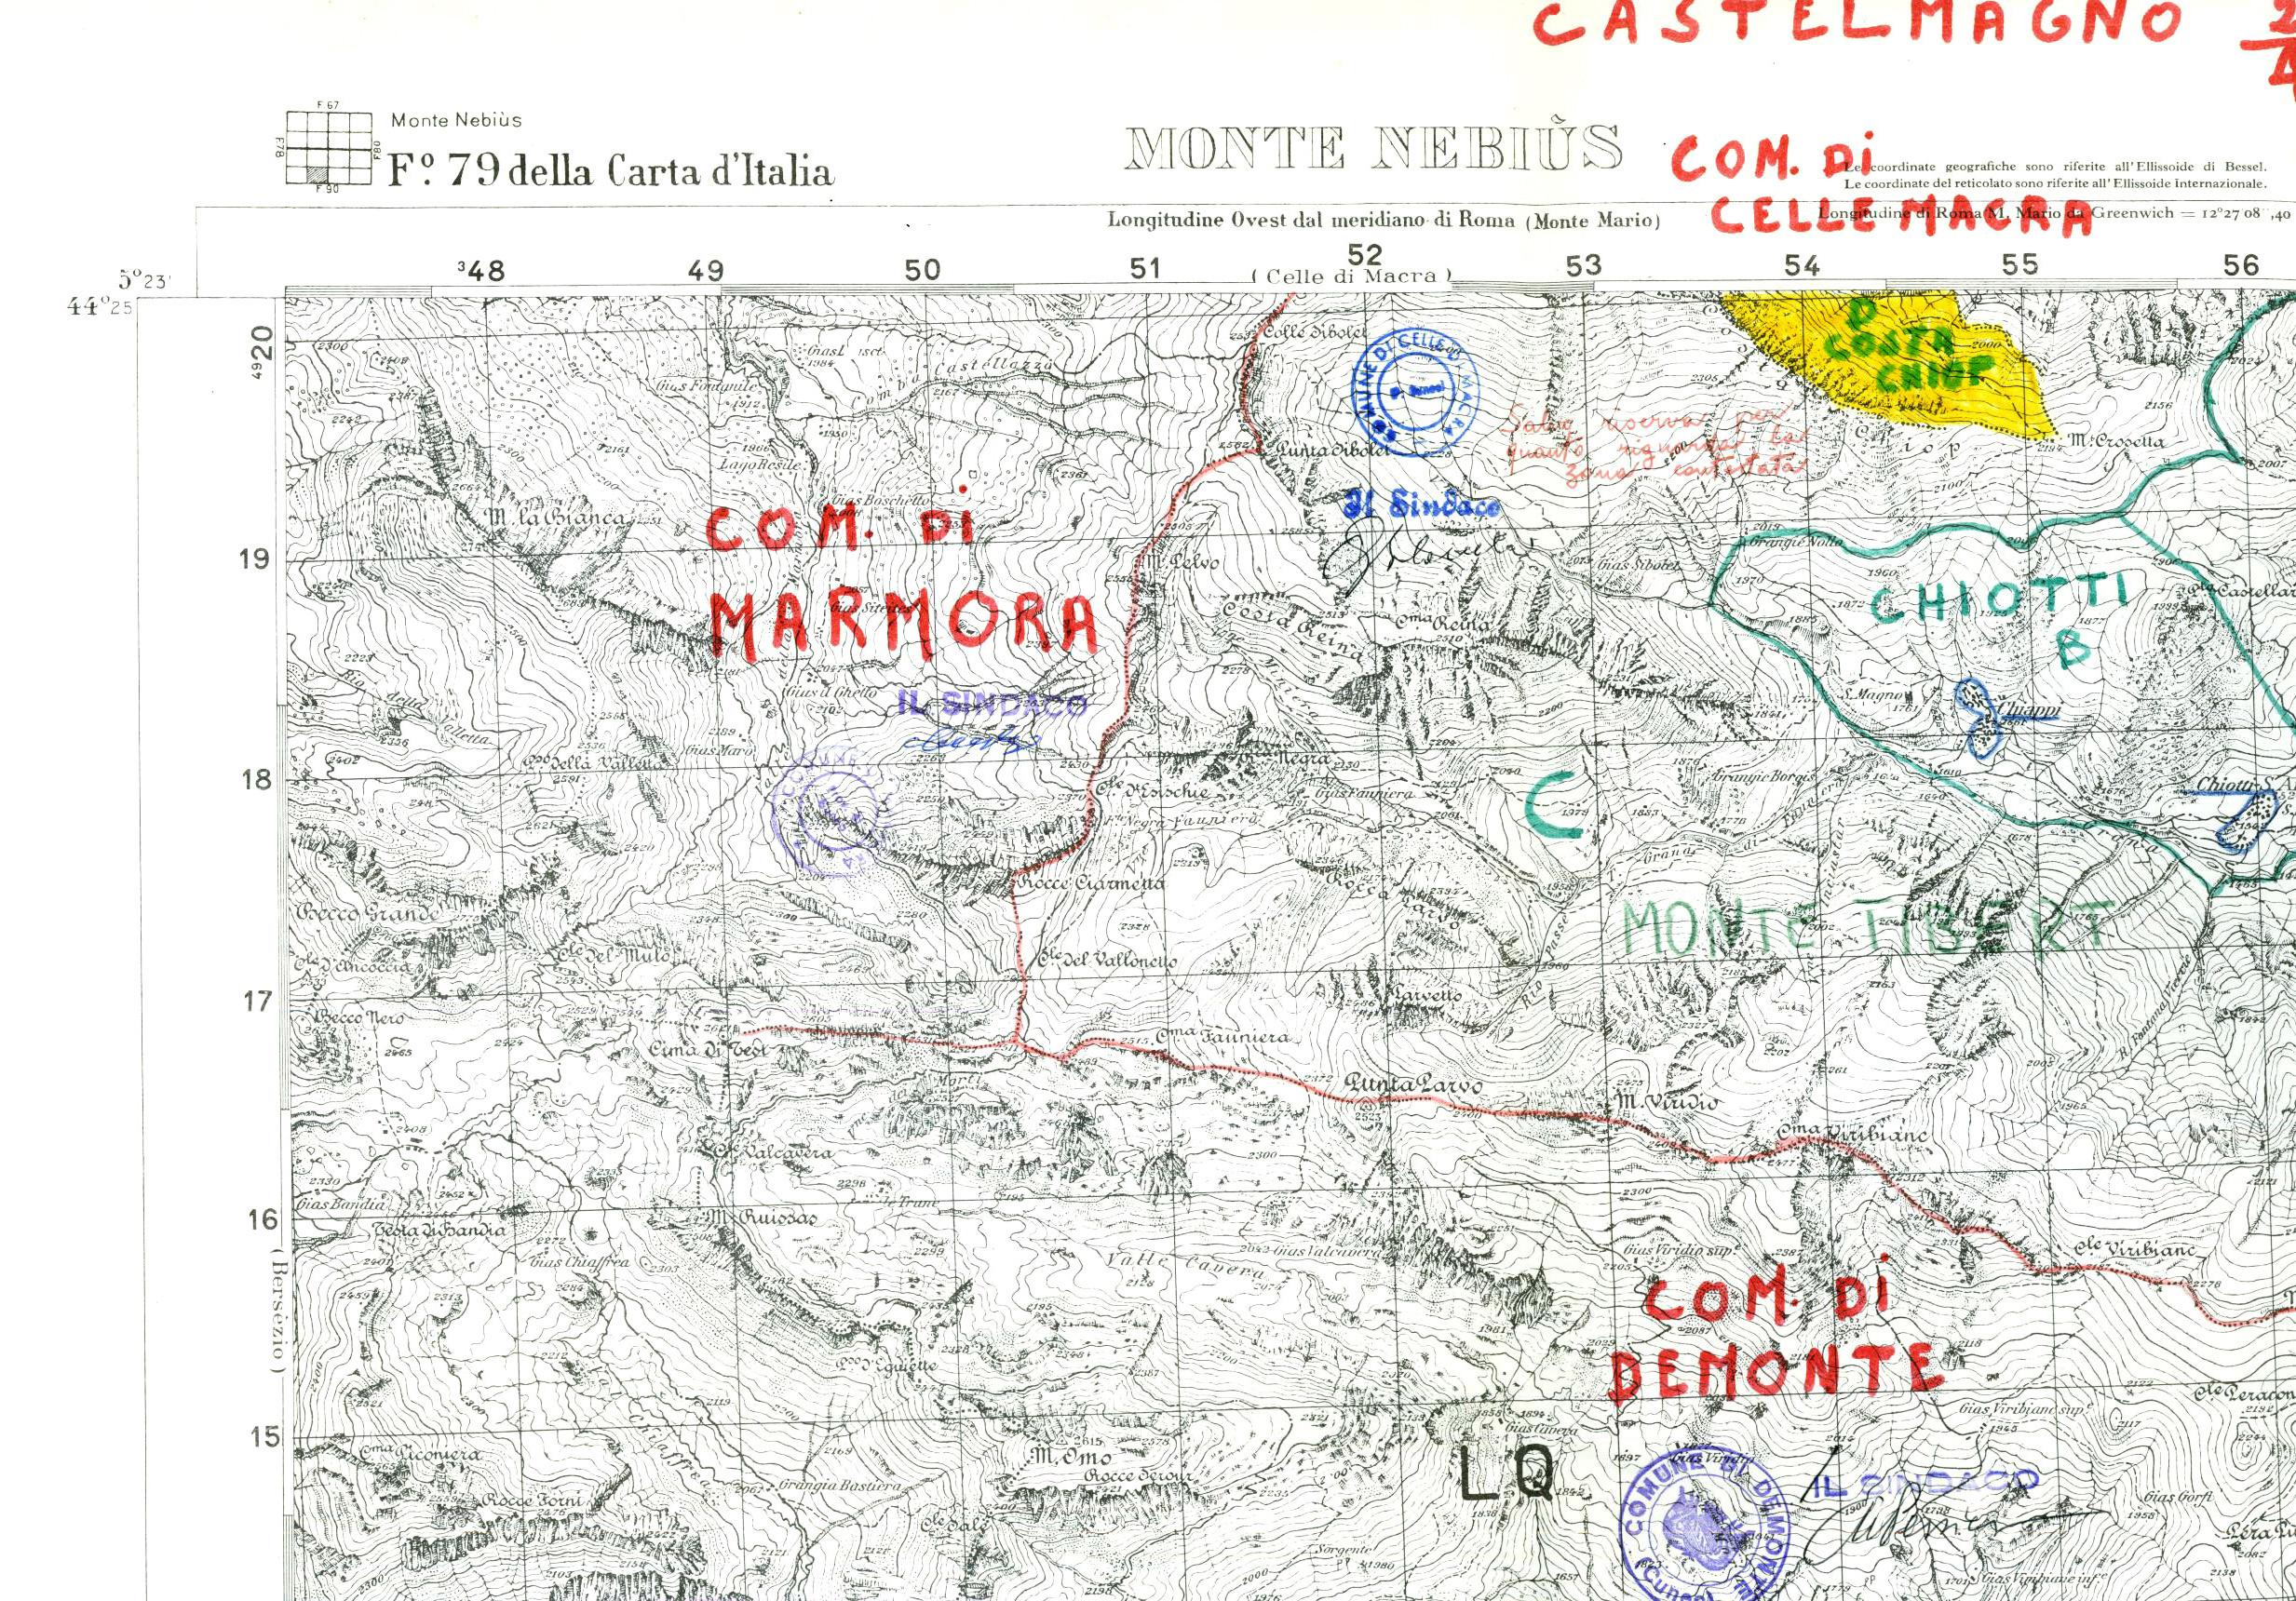 Cartina Militare Piemonte.Castelmagno Oc